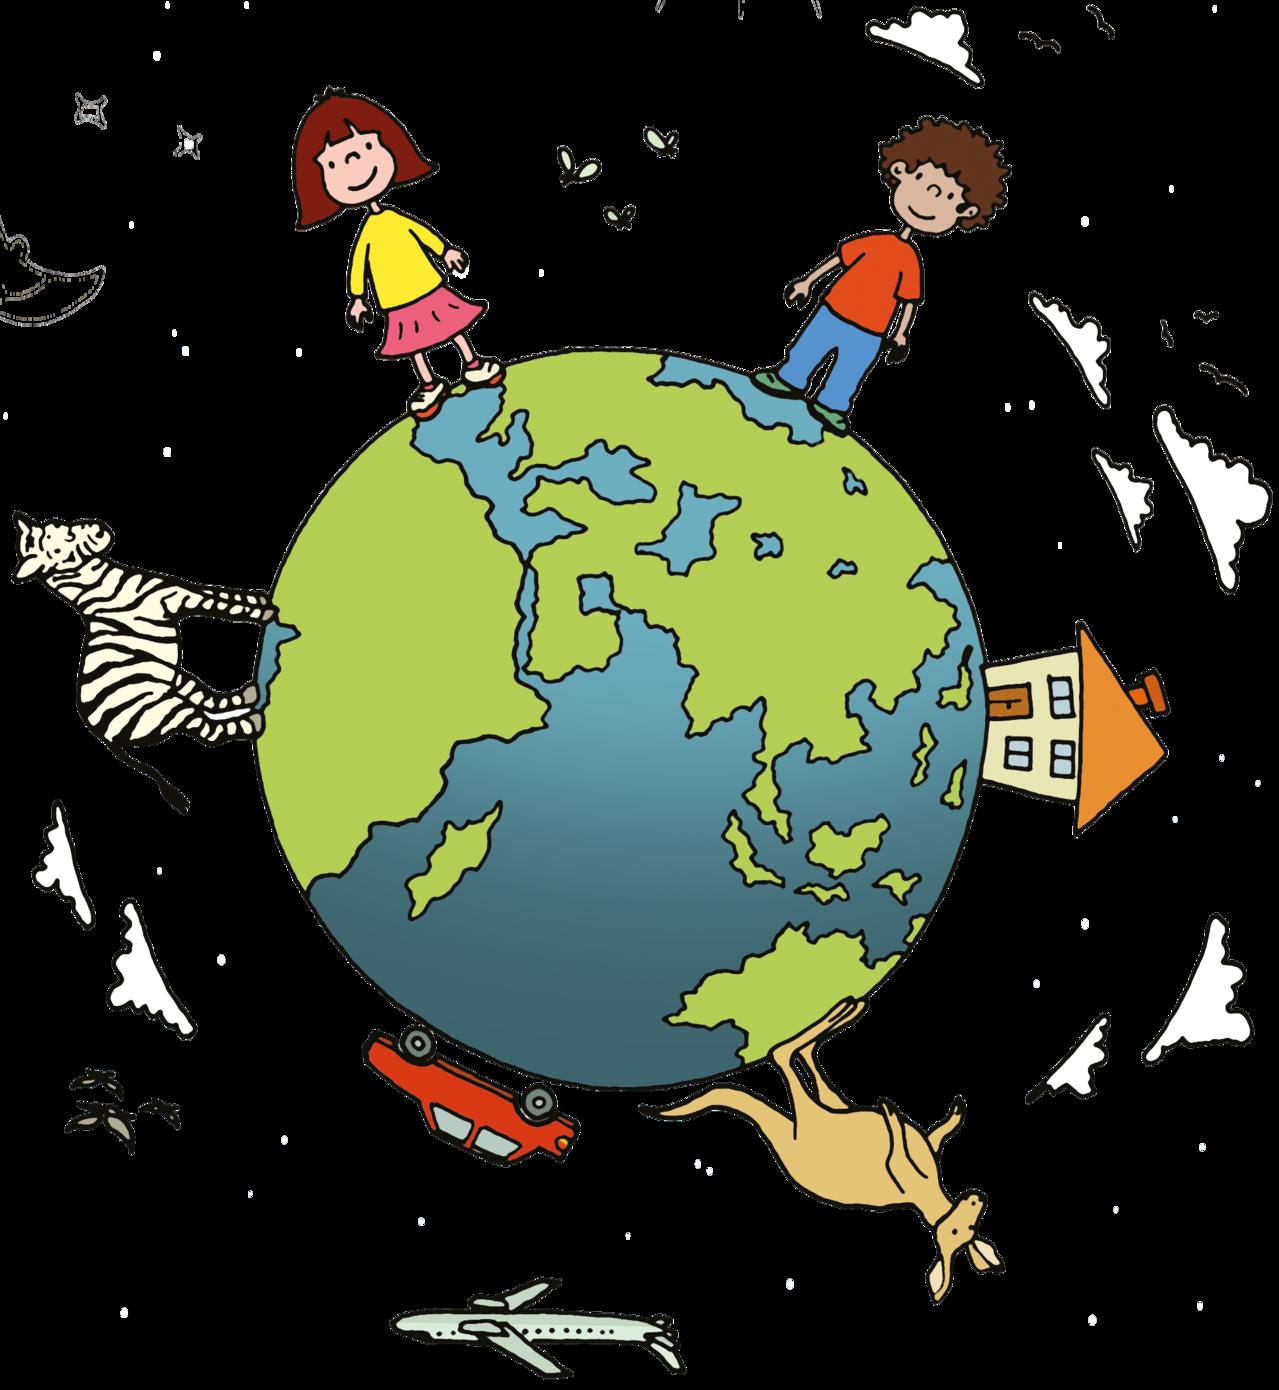 Ziemlich Erde Tag Arbeitsblatt Für Kindergärten Fotos - Super ...